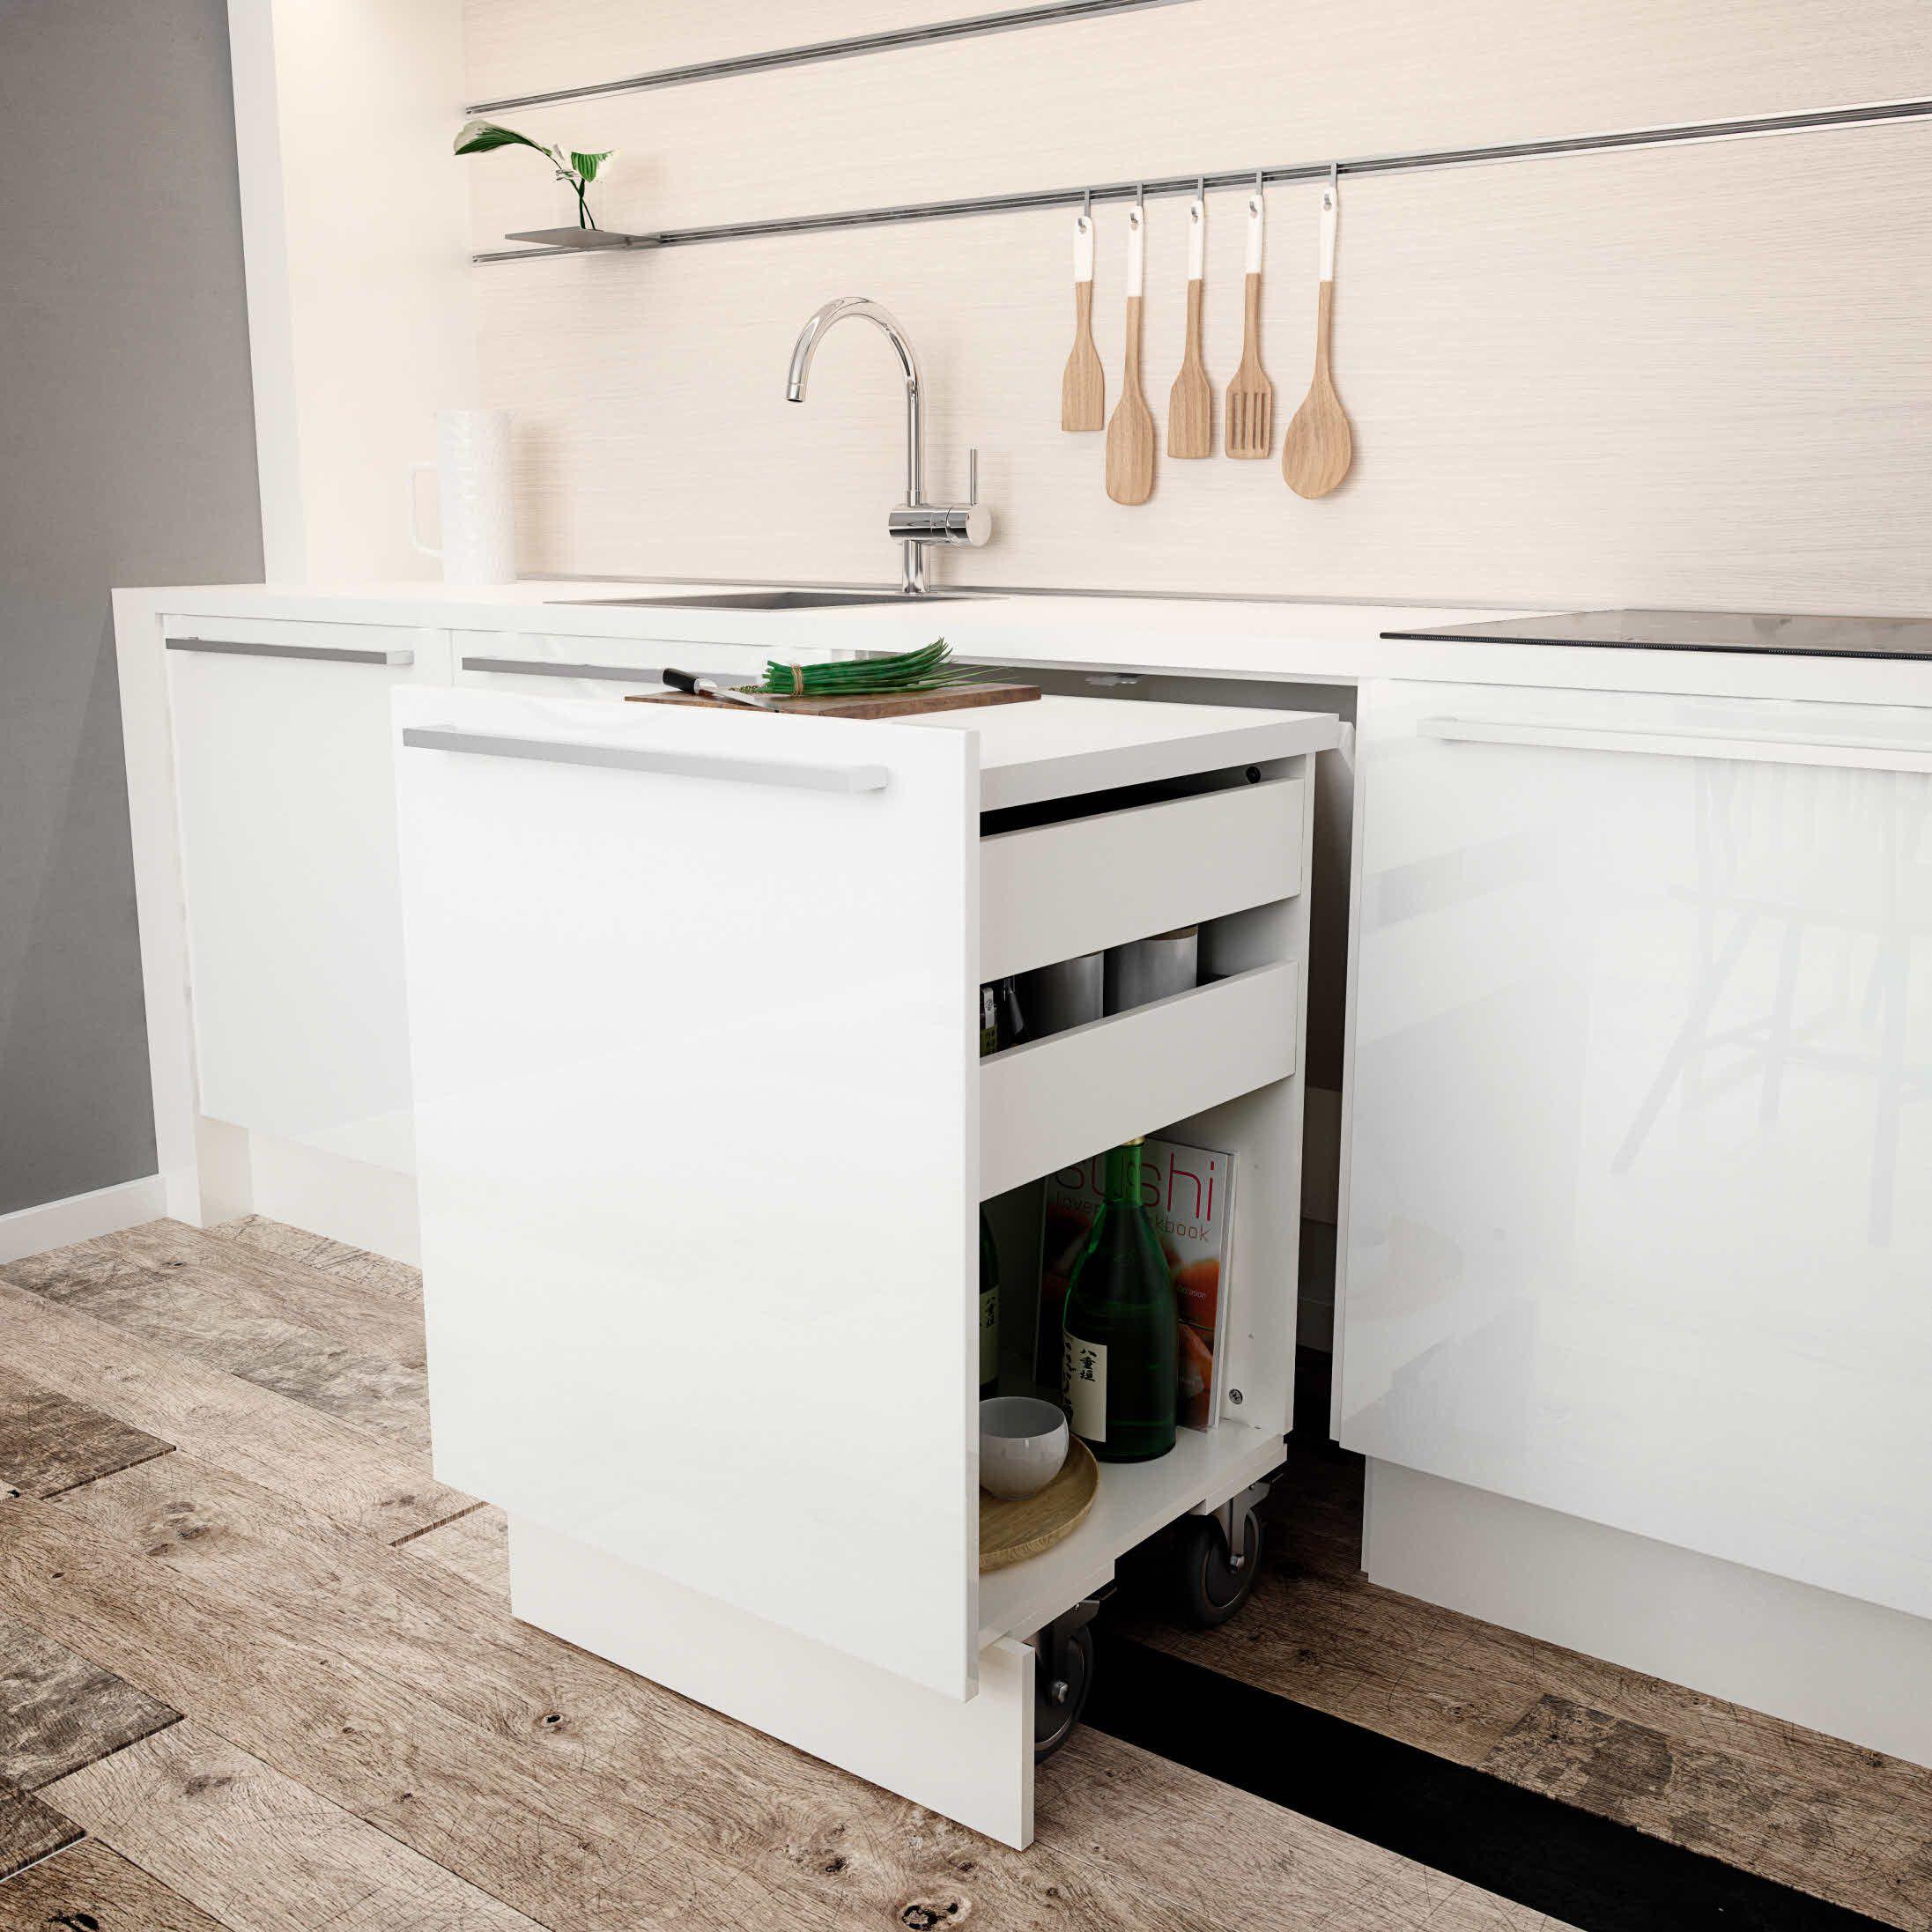 Hth worktop id kjøkken pinterest kitchens